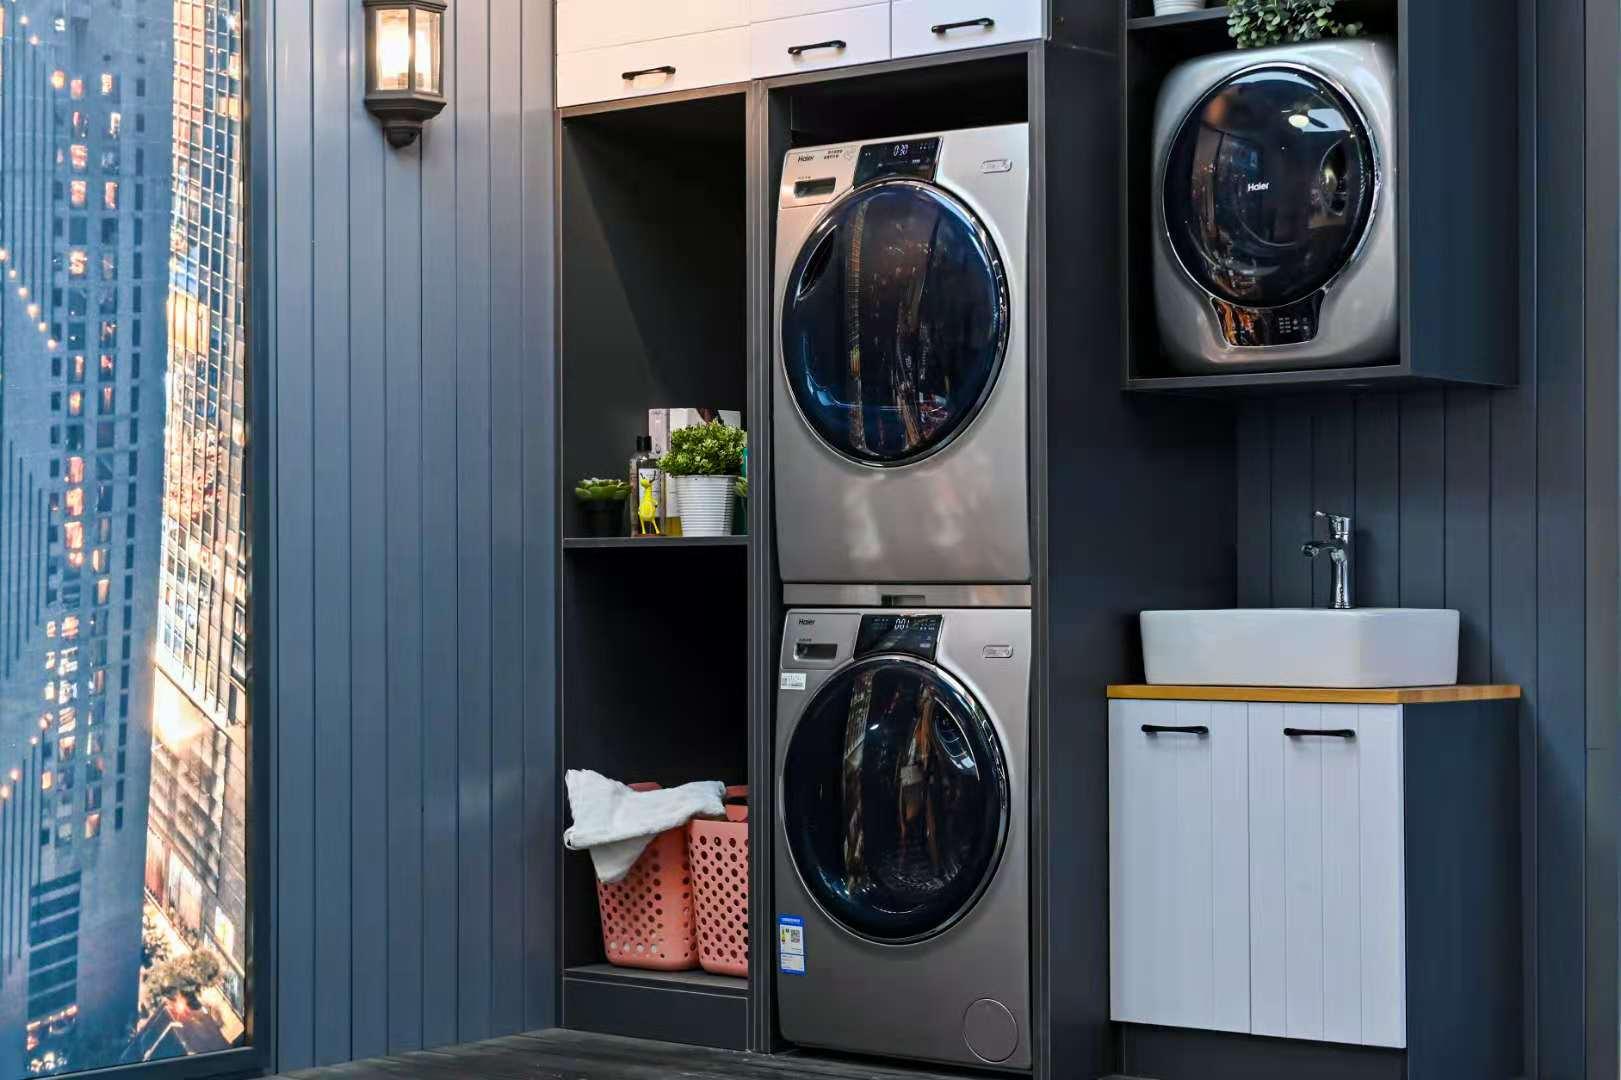 双11海尔洗衣机是全网第一?不全对!还有场景销售引领